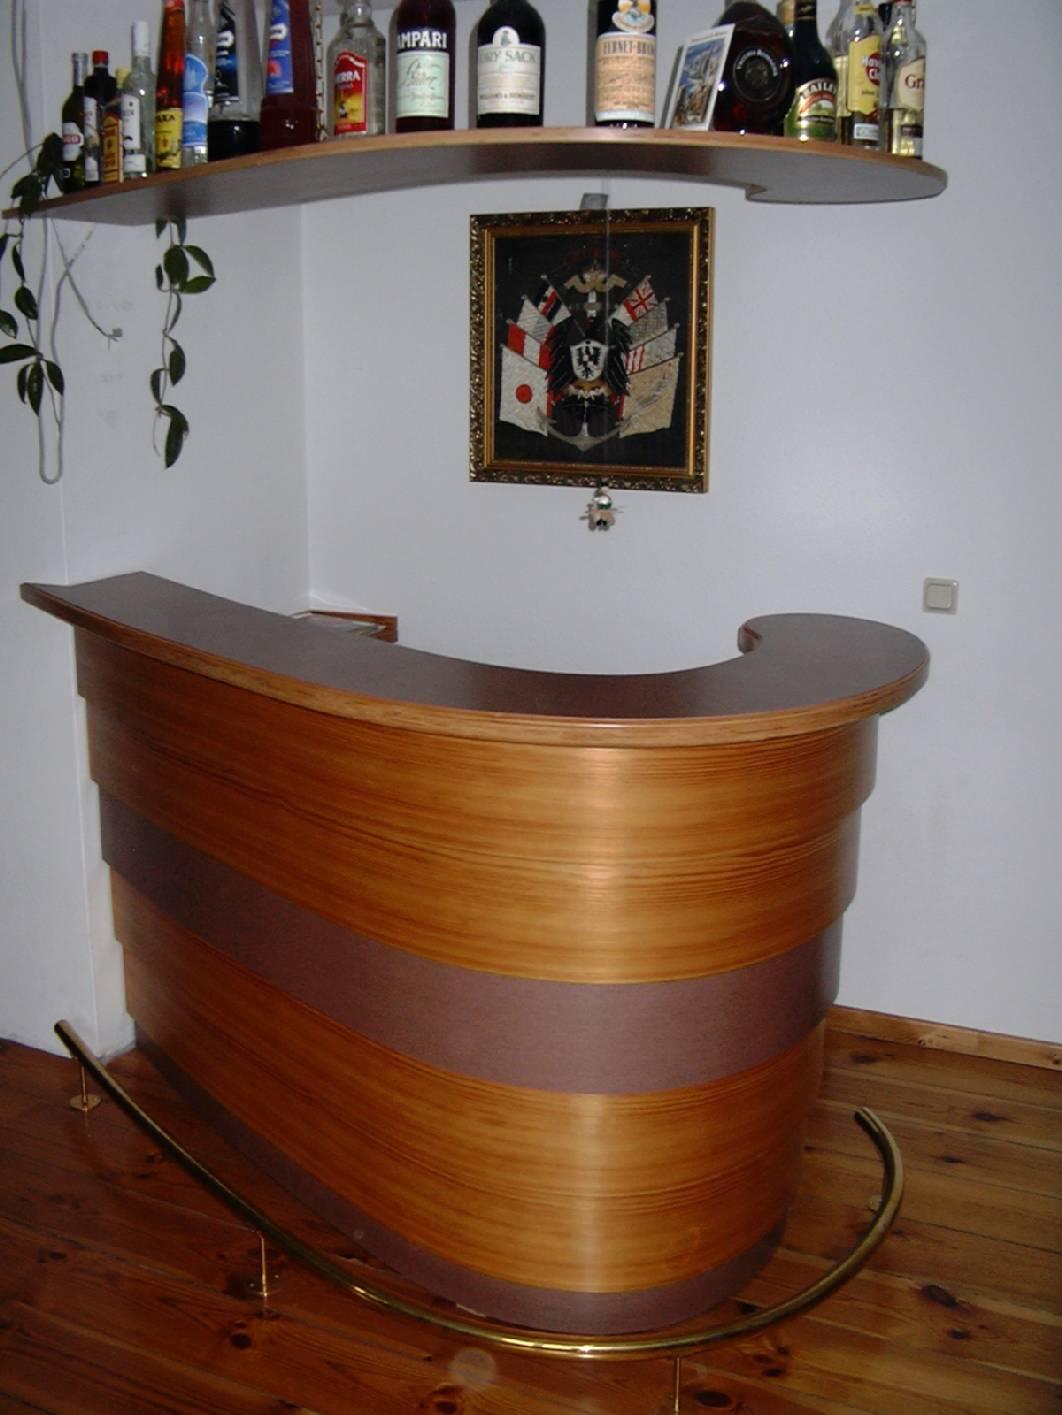 Möbeltischlerei Meinert in Rostock - Individueller Möbelbau